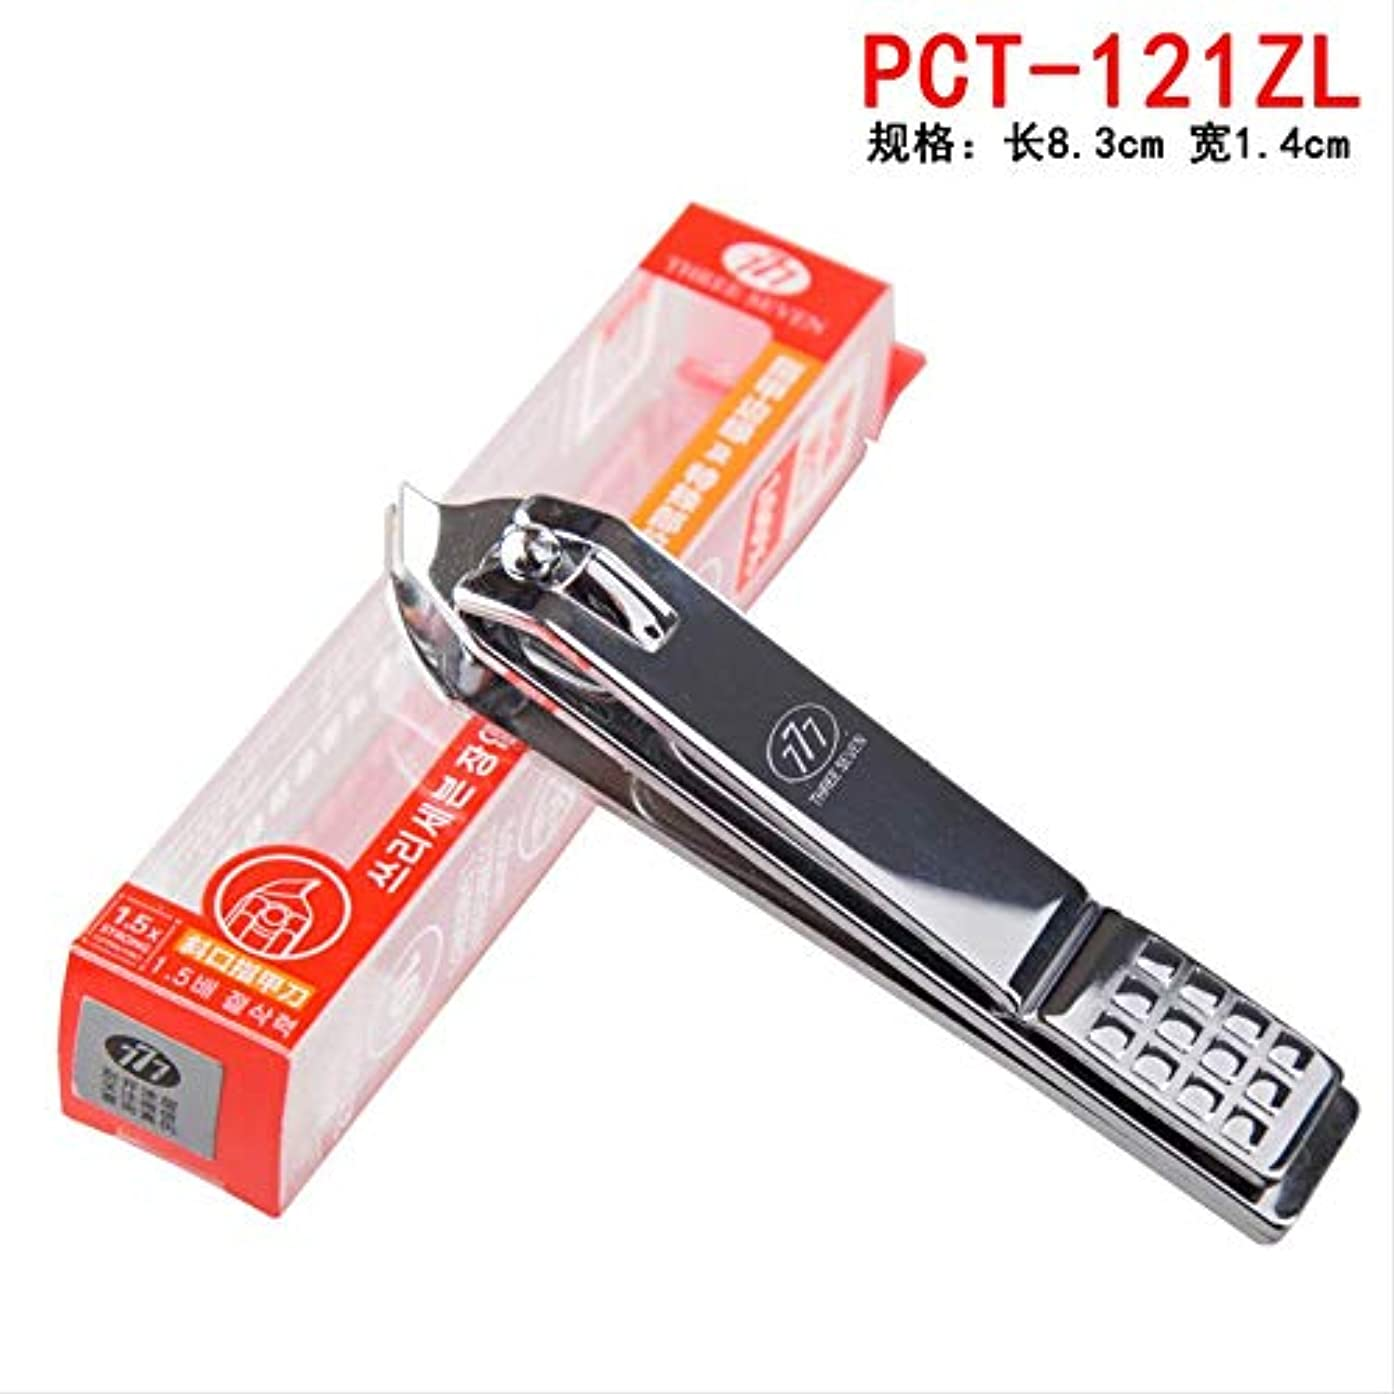 うまくやる()マディソン匿名韓国777爪切りはさみ元平口斜め爪切り小さな爪切り大本物 PCT-121ZLギフトボックス